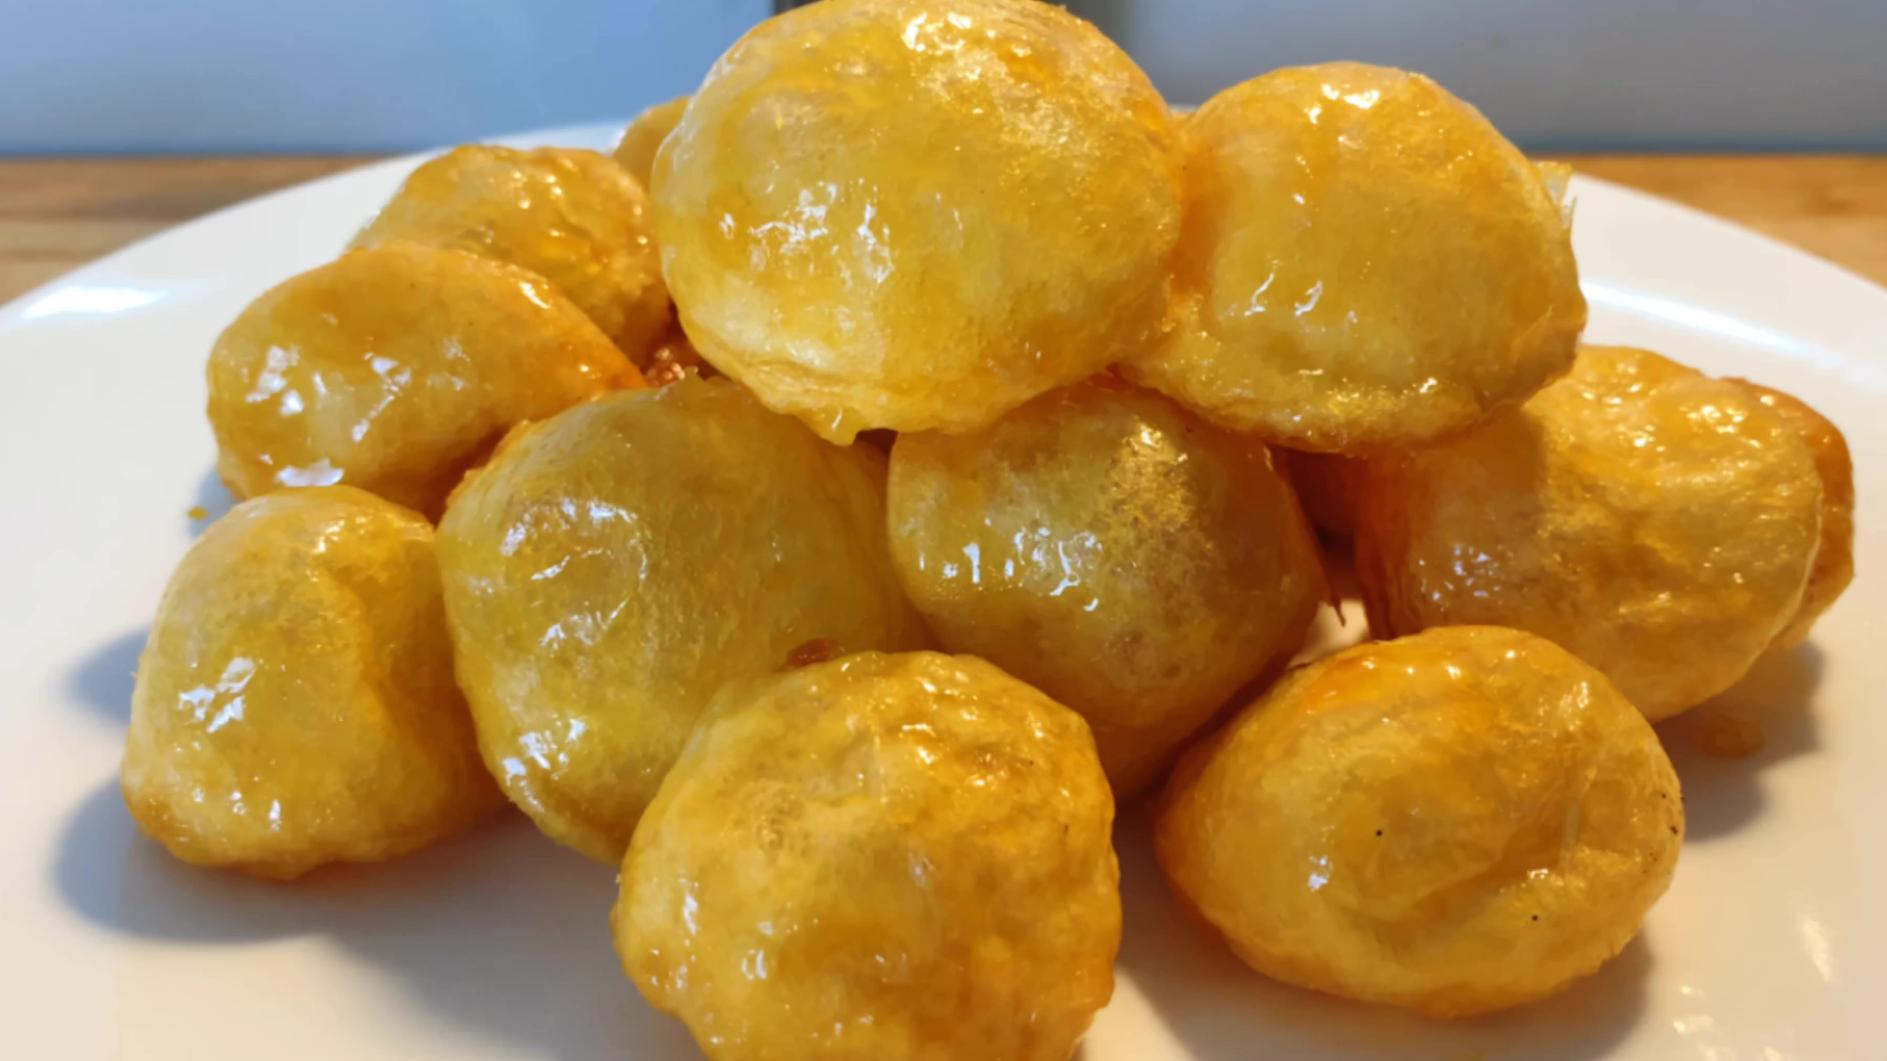 这才是东北名菜酥黄菜正宗做法,配方比例精确到克,厨师大赛金奖菜品